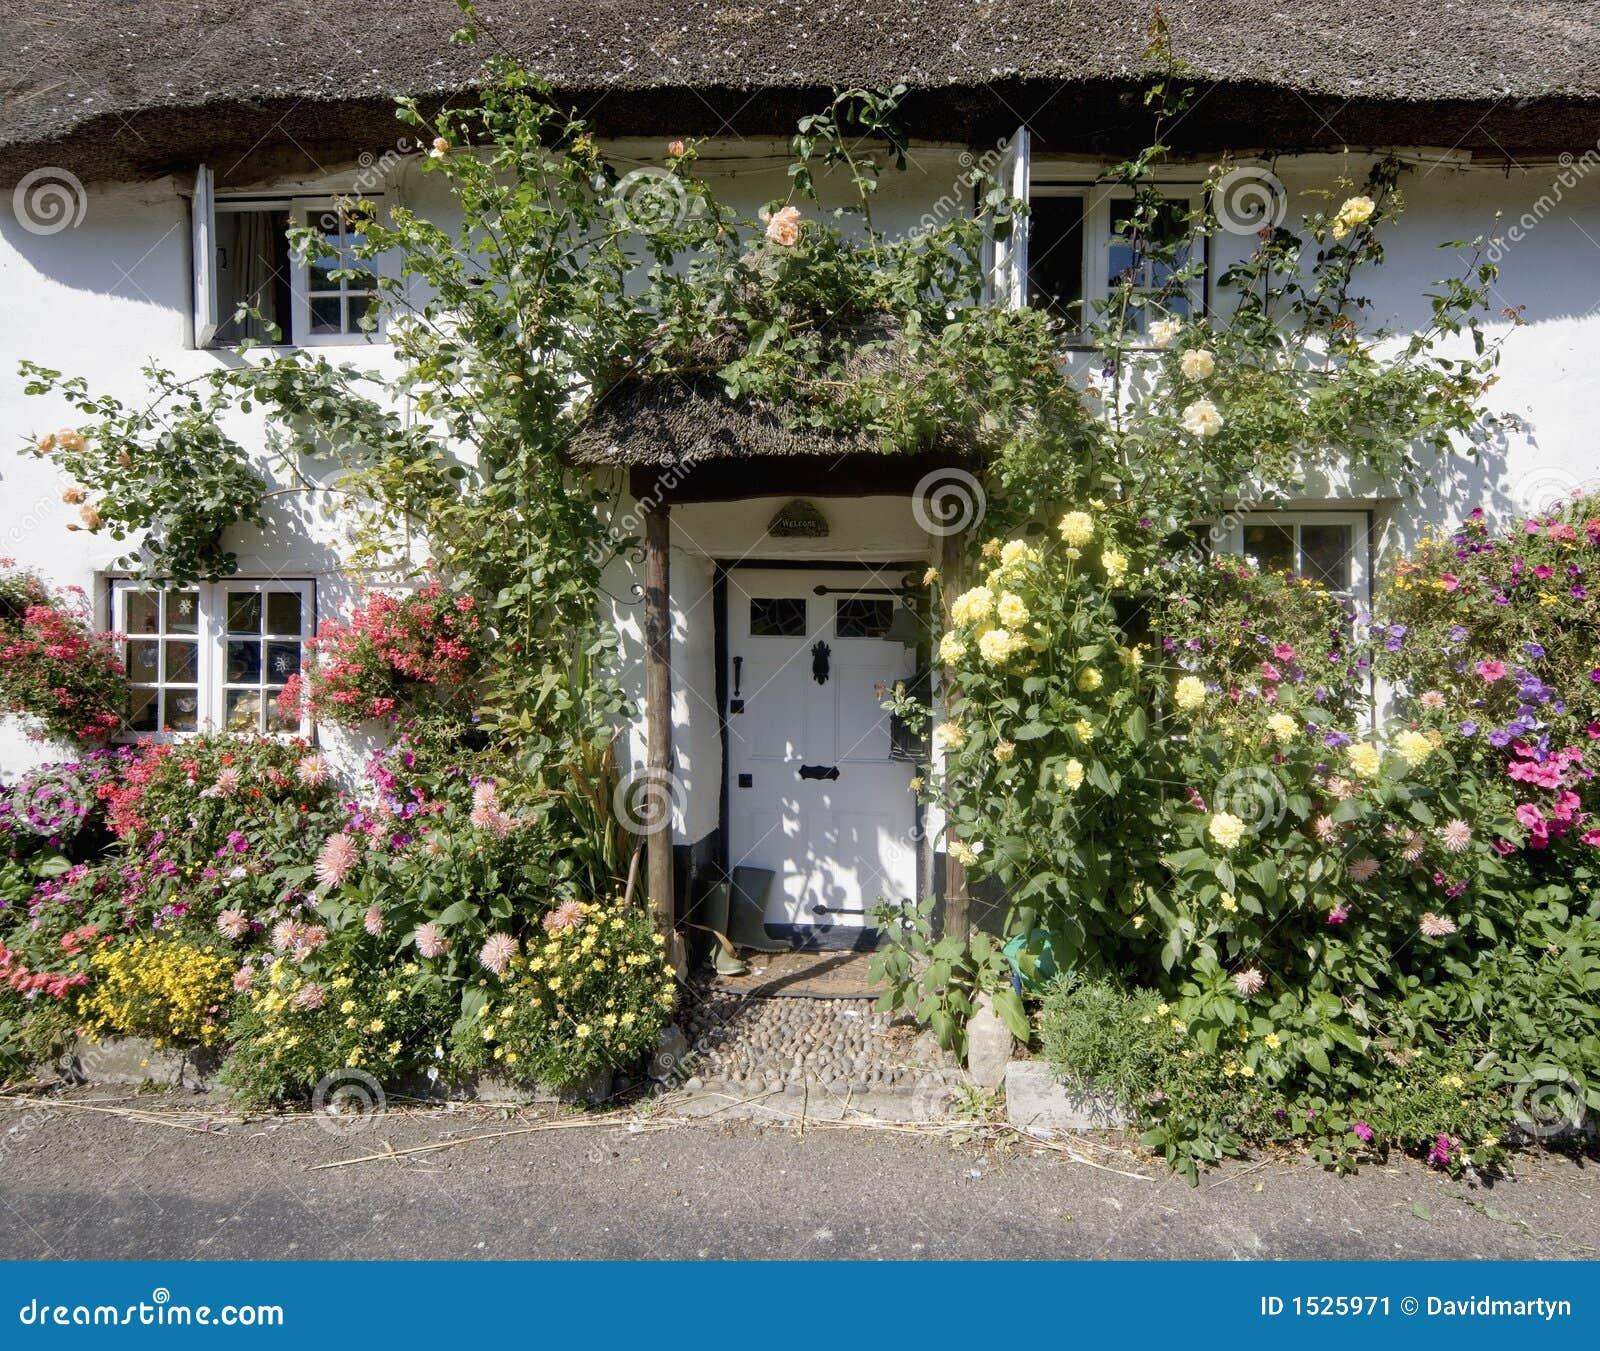 Devon branscombe England brzegowa jurassic wioski